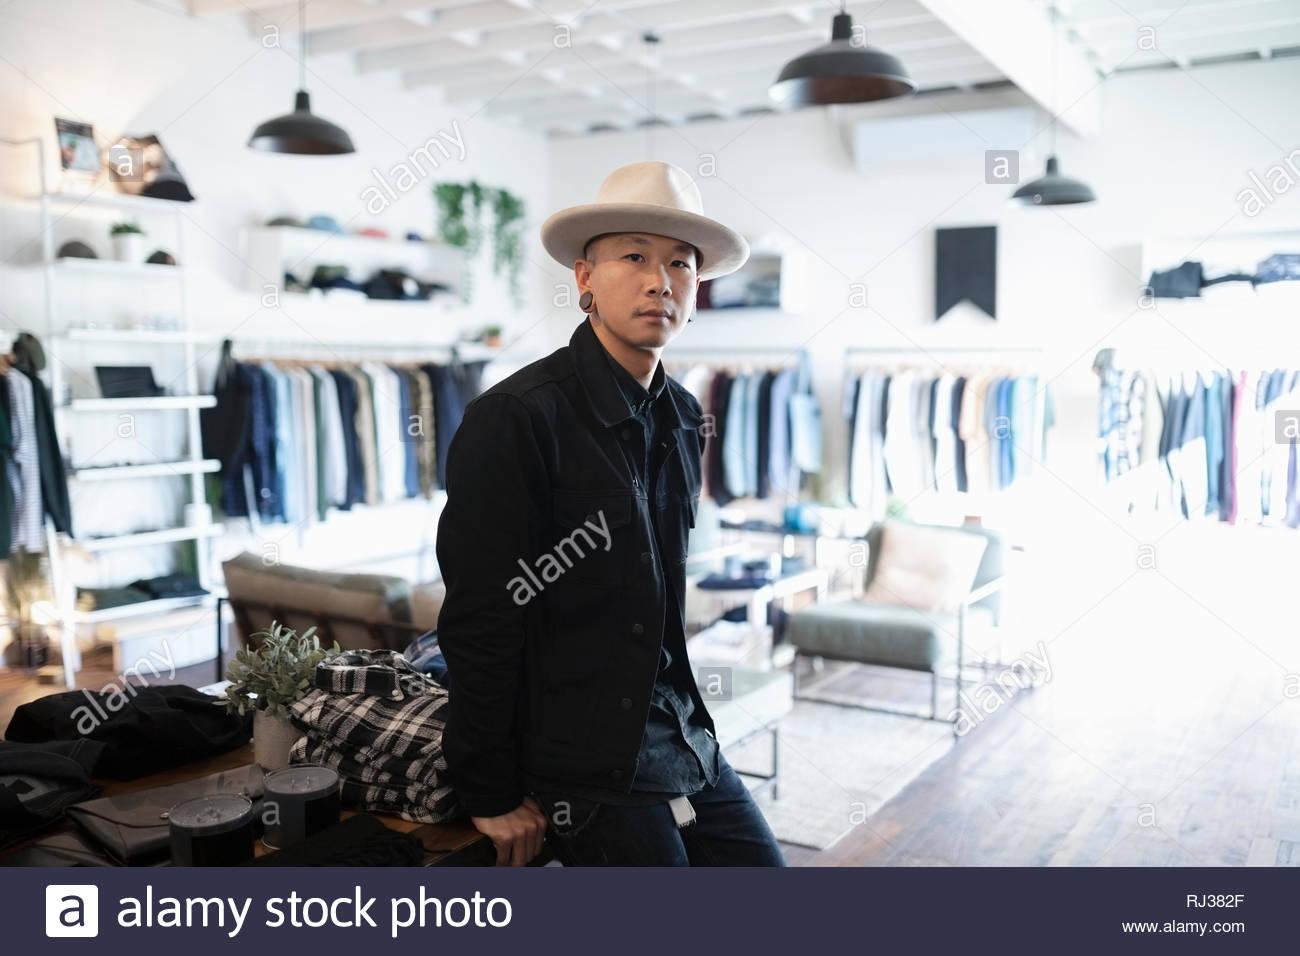 Retrato masculino confiado dueño de negocio de ropa tienda de ropa Imagen De Stock